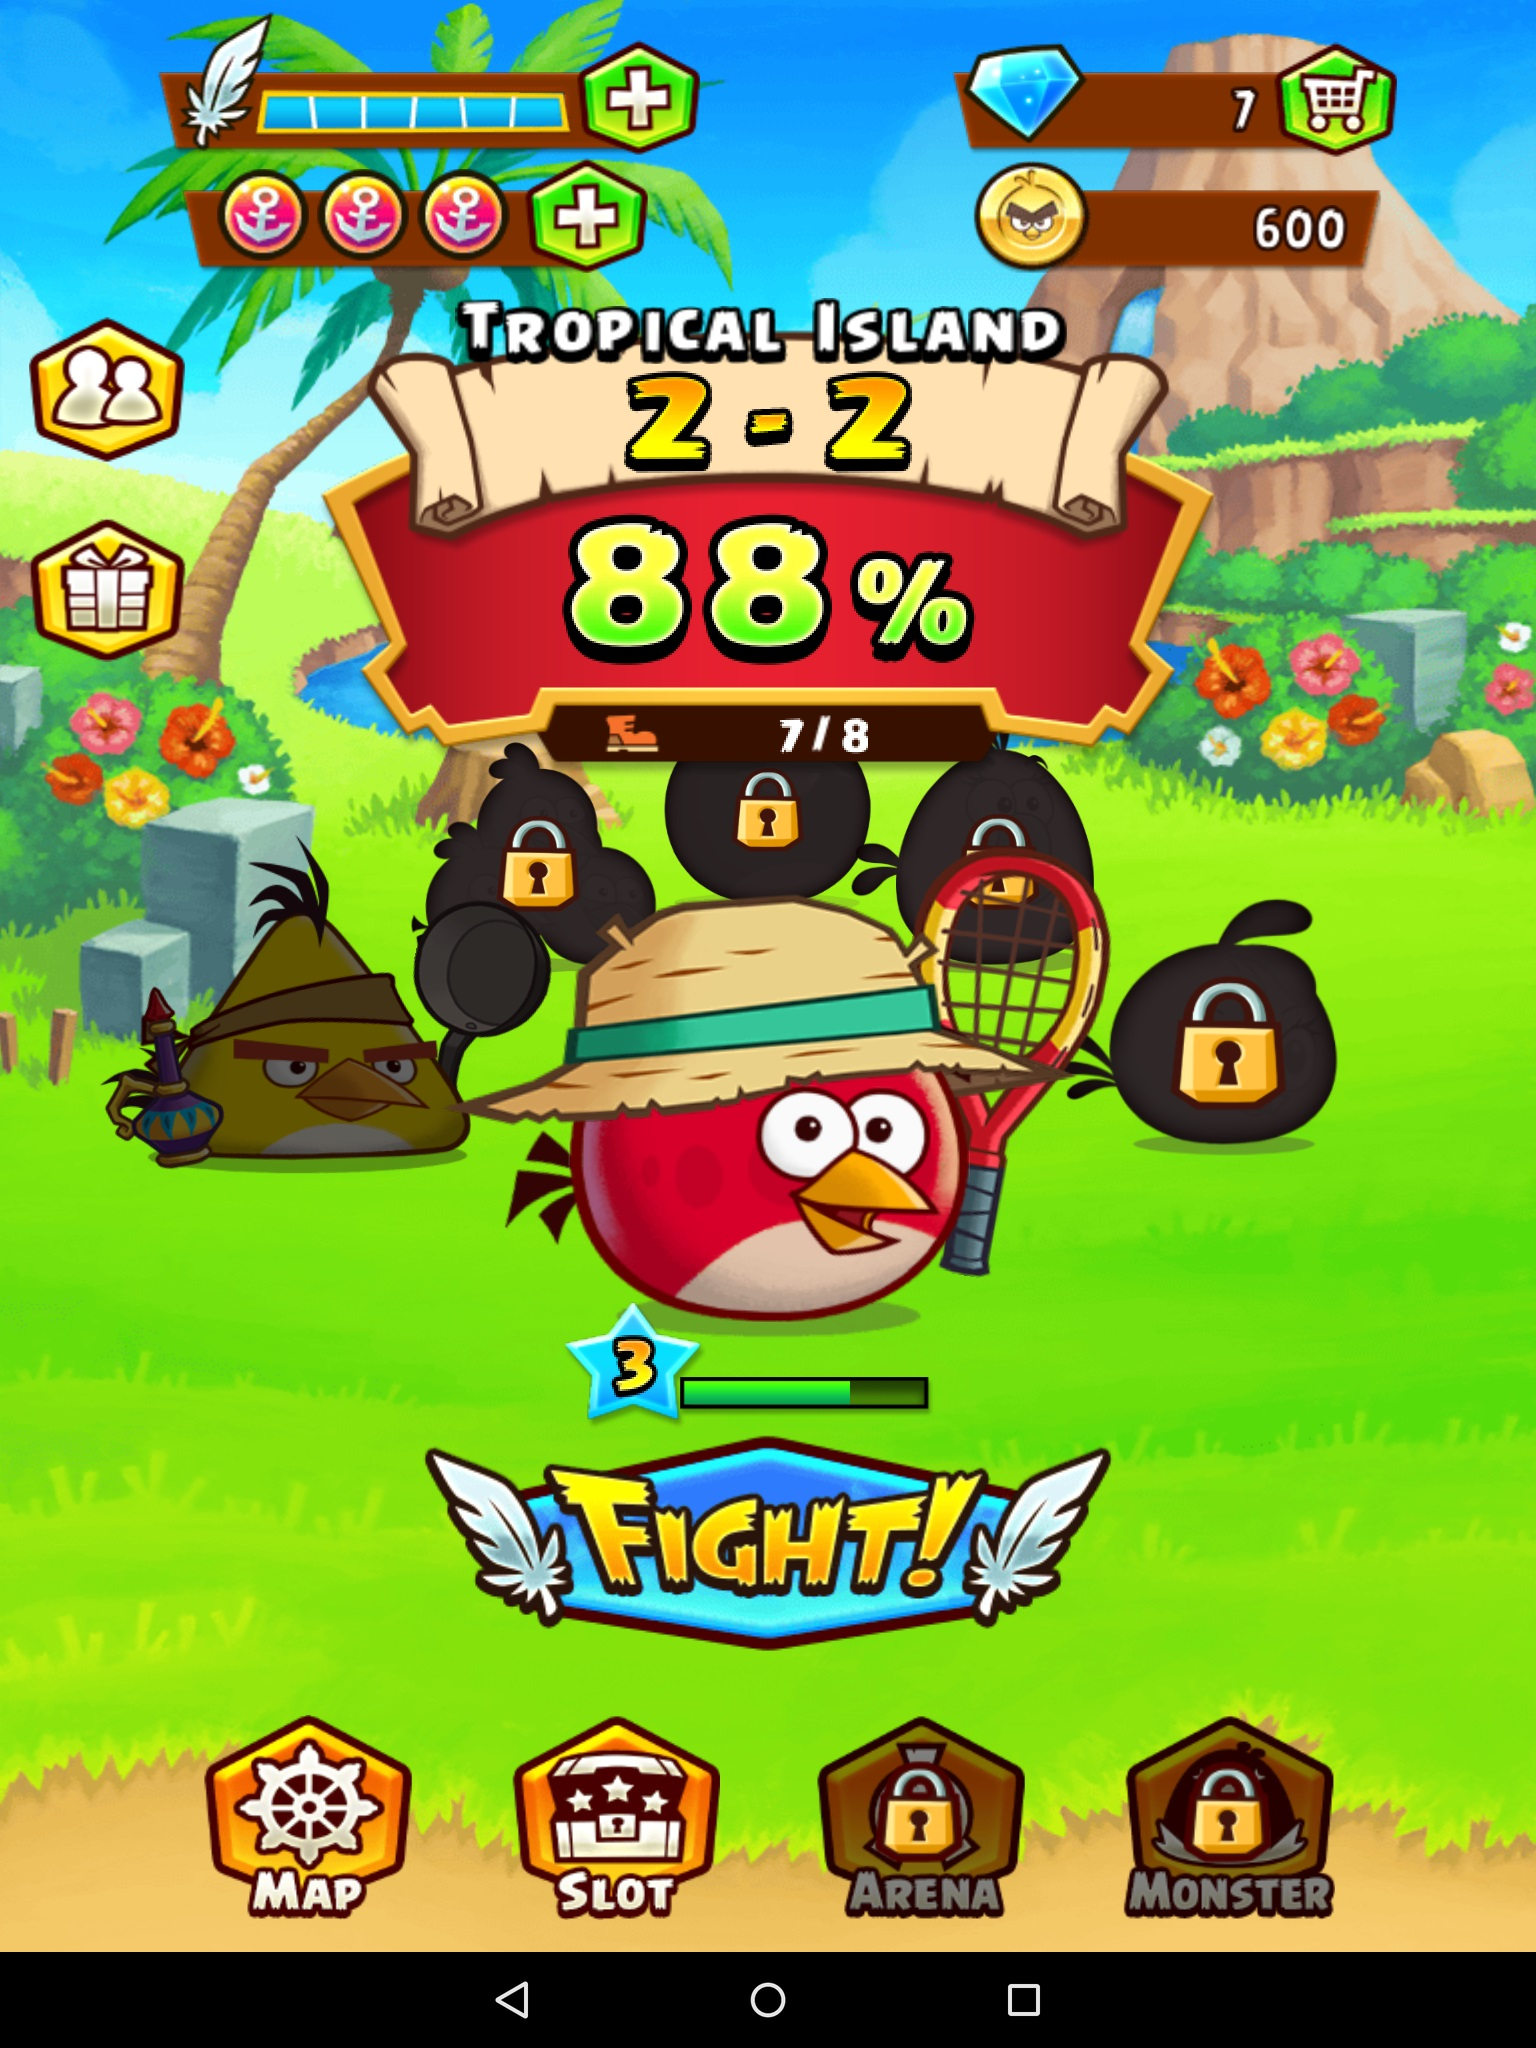 Angry Birds Fight! - A bit of a mismatch